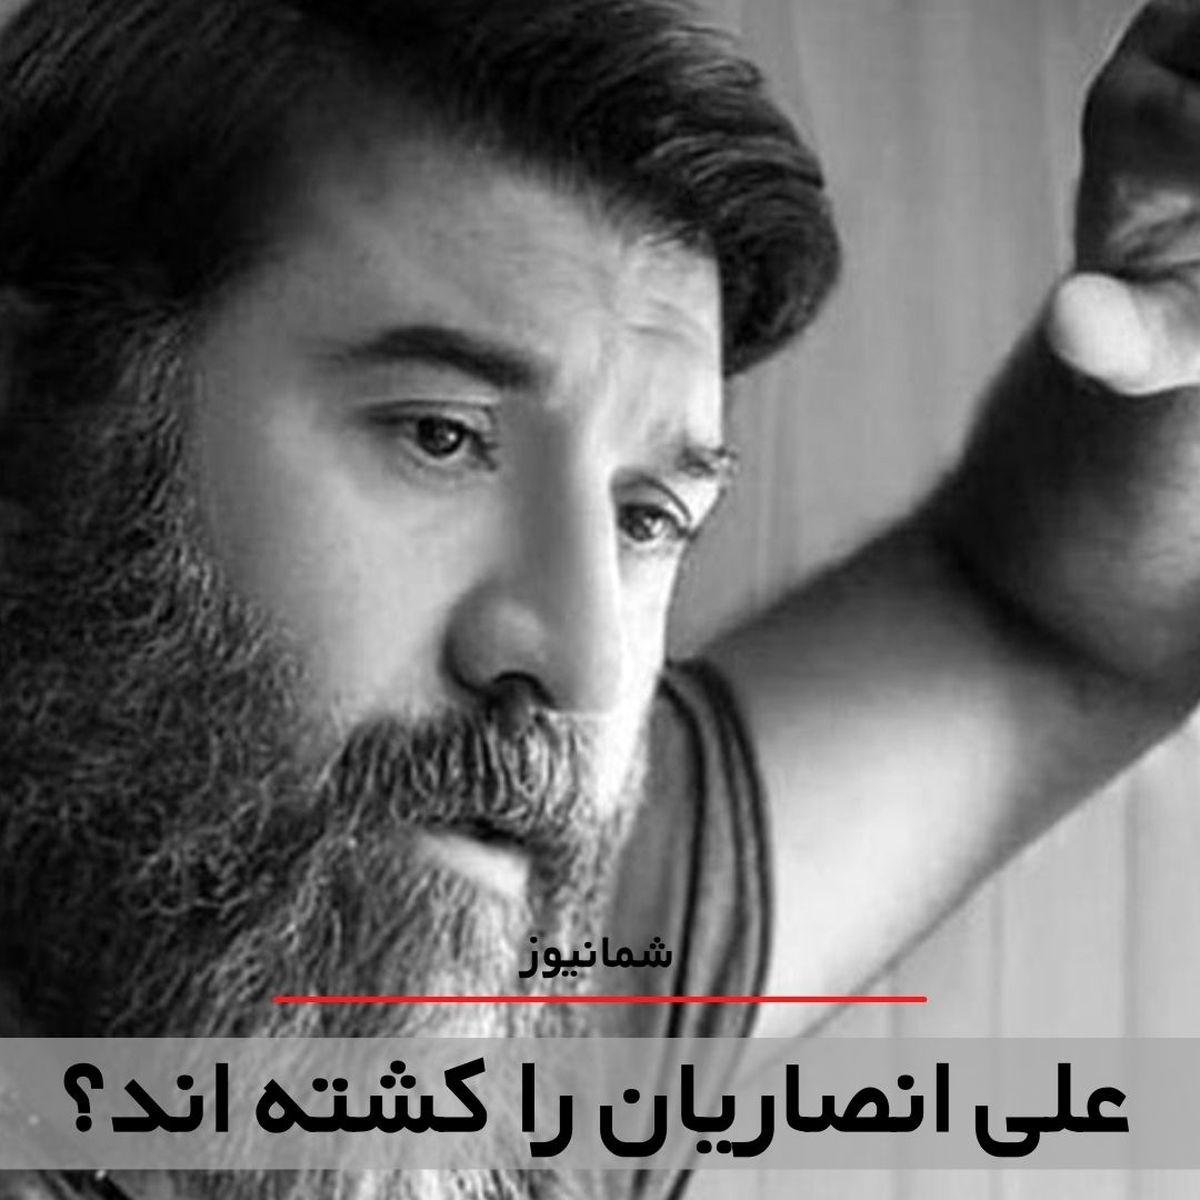 شایعه قتل عمد علی انصاریان جنجال به پاکرد + فیلم